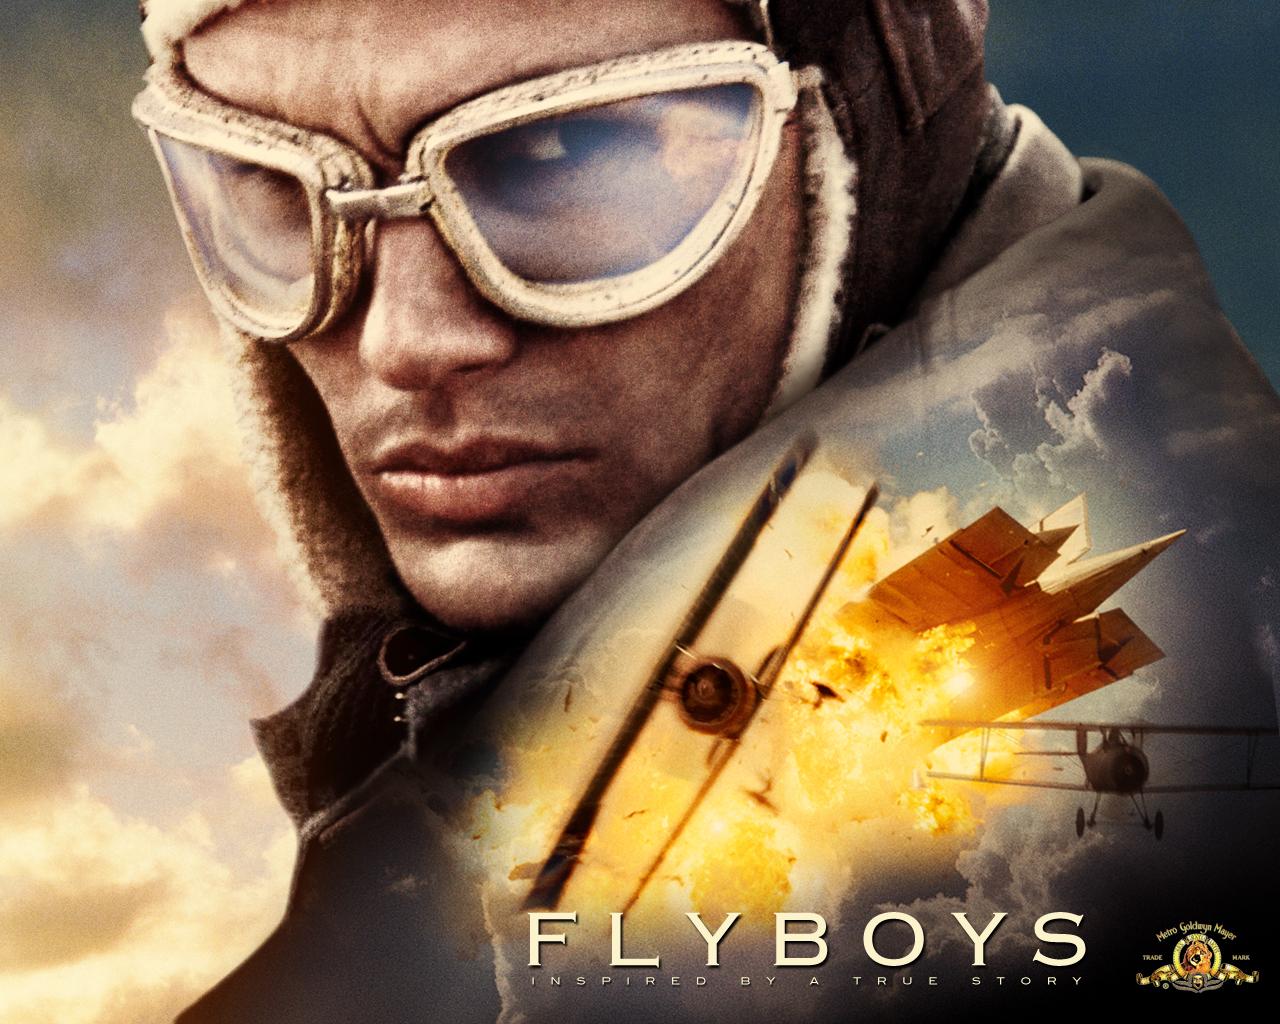 Flyboys-Movie-Wallpaper-003.jpg